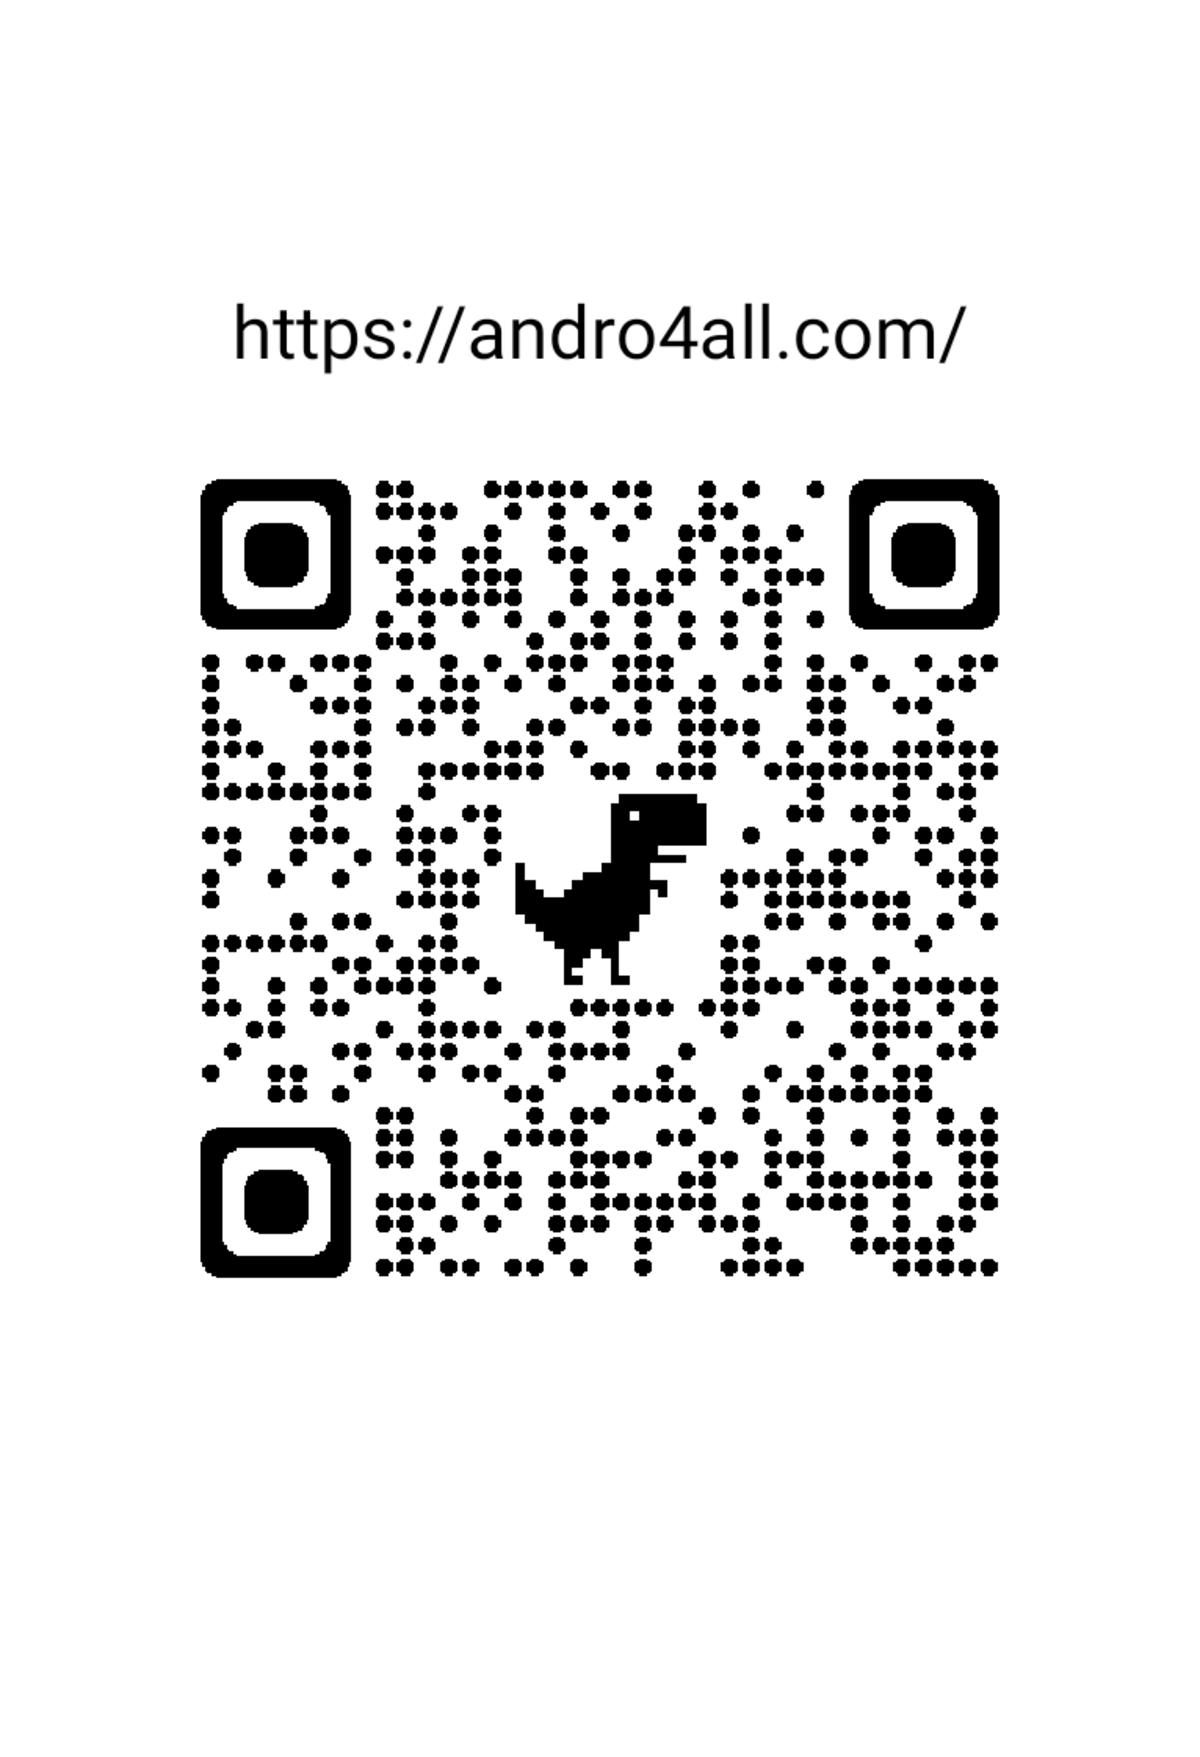 Ceci est le code QR personnalisé d'Andro4all